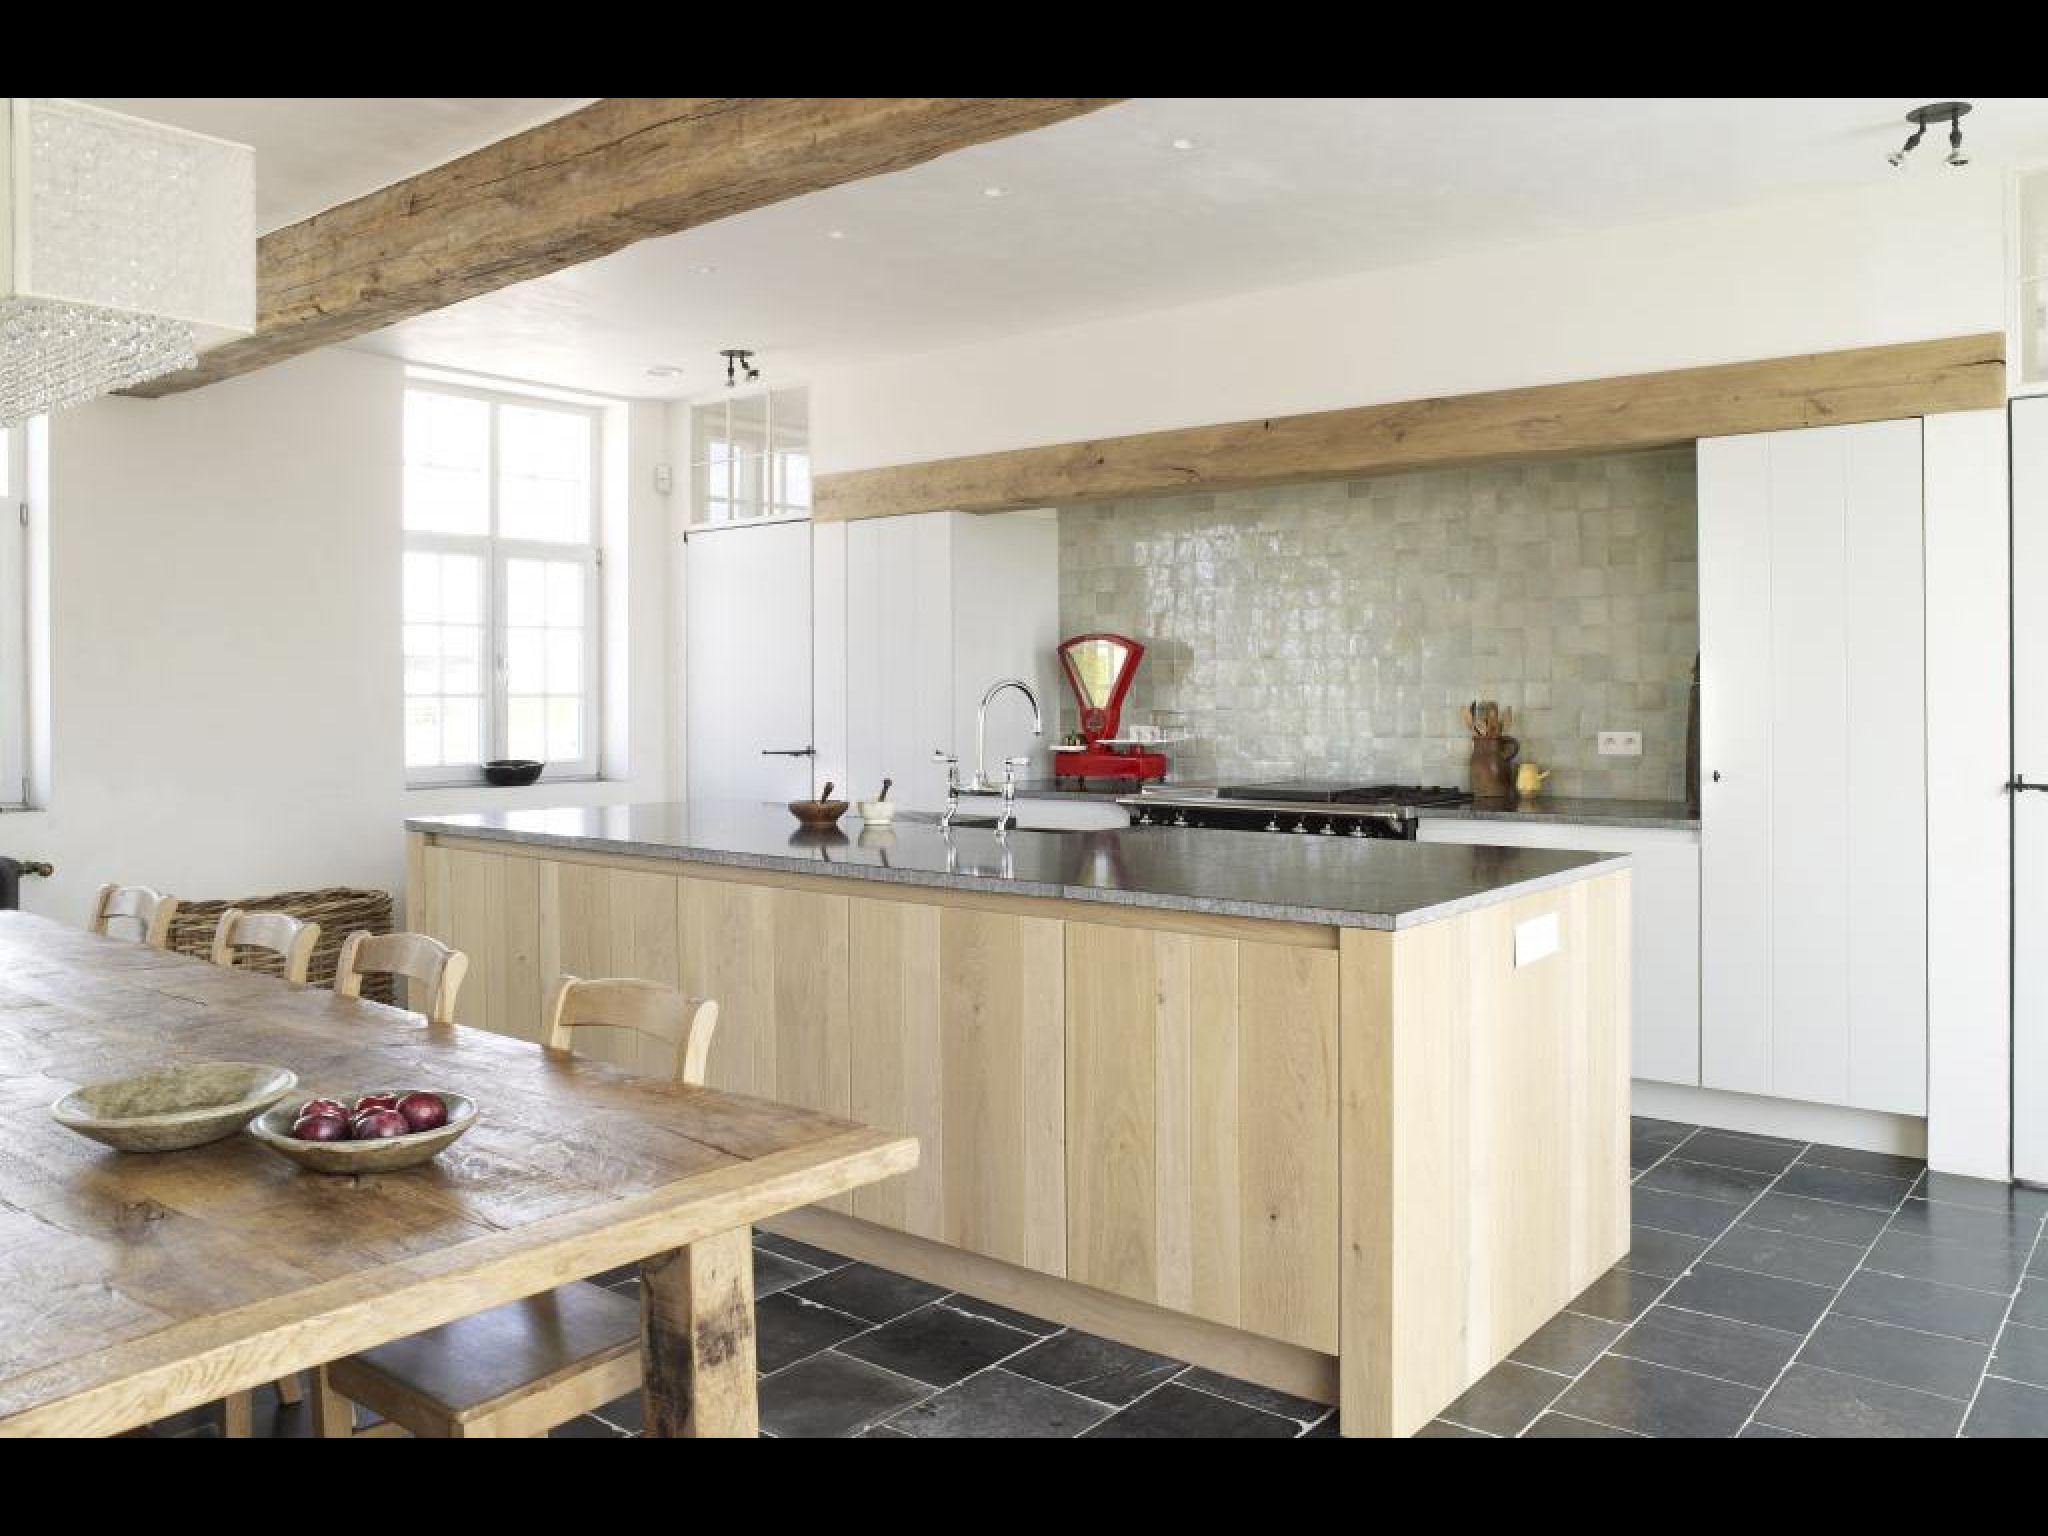 Bekend Landelijk modern #landelijk #strak 1 houtenbalk in de keuken  @GC45